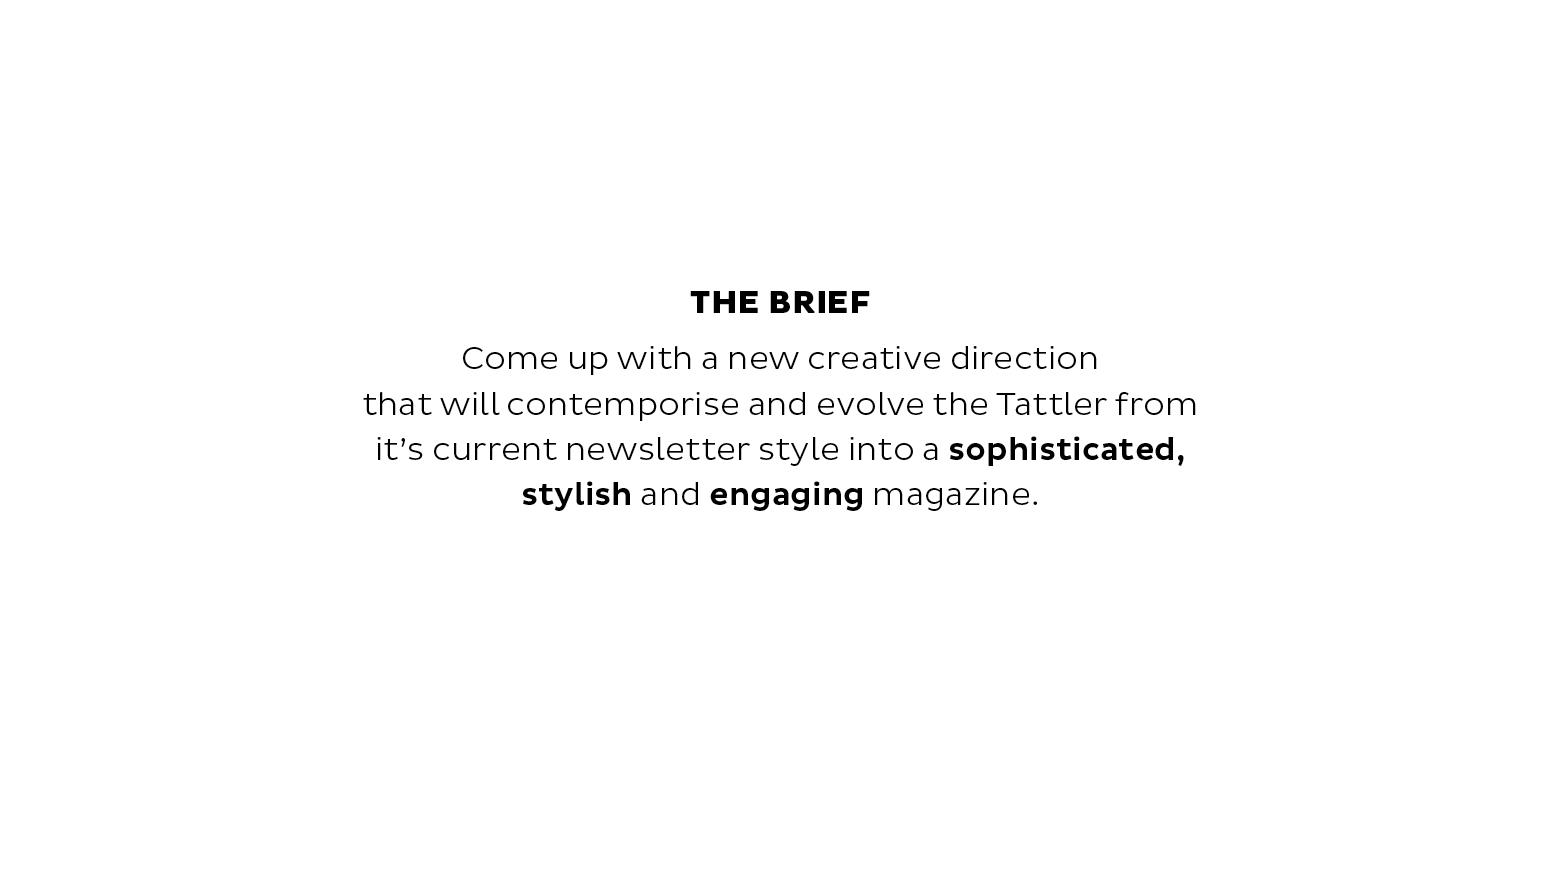 Tattler brief